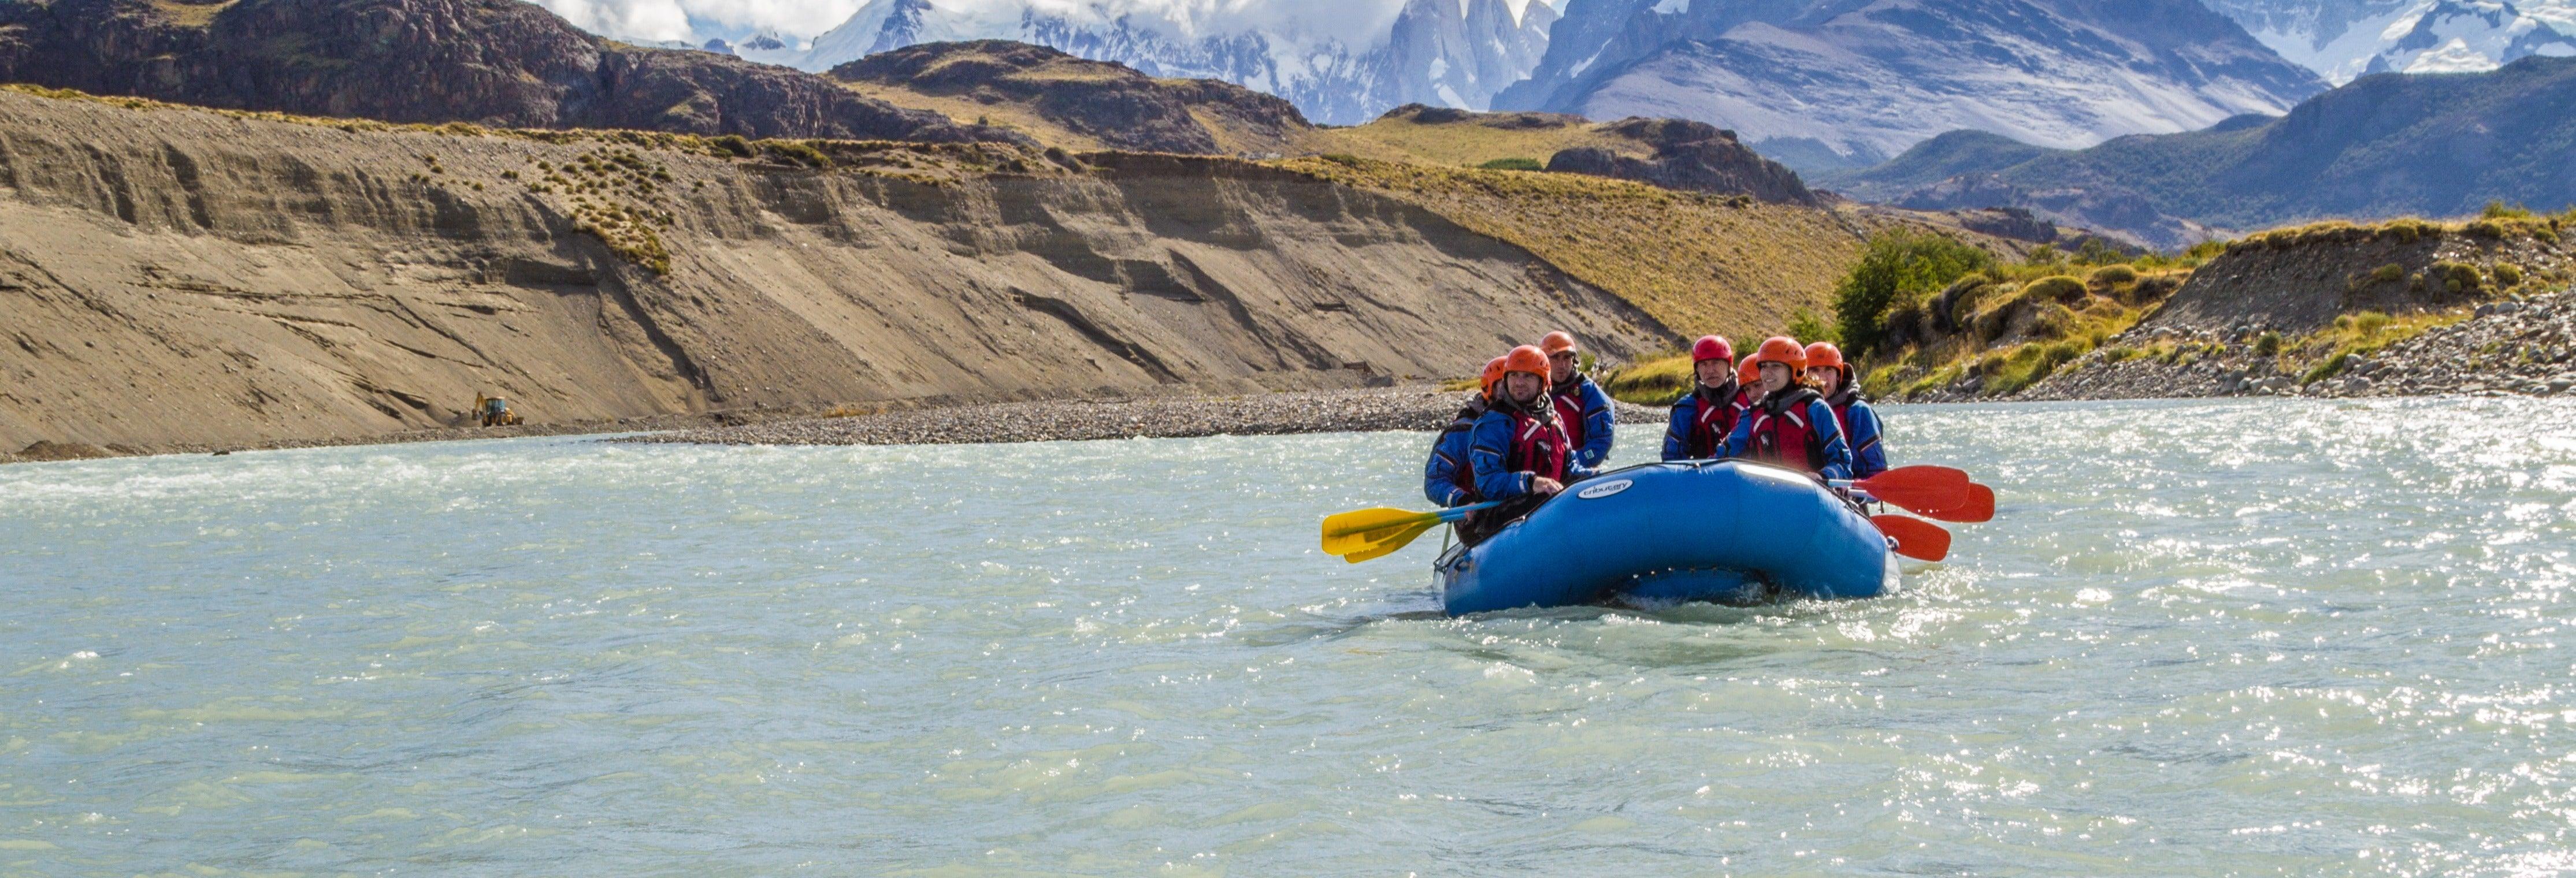 Rafting sul Río de las Vueltas